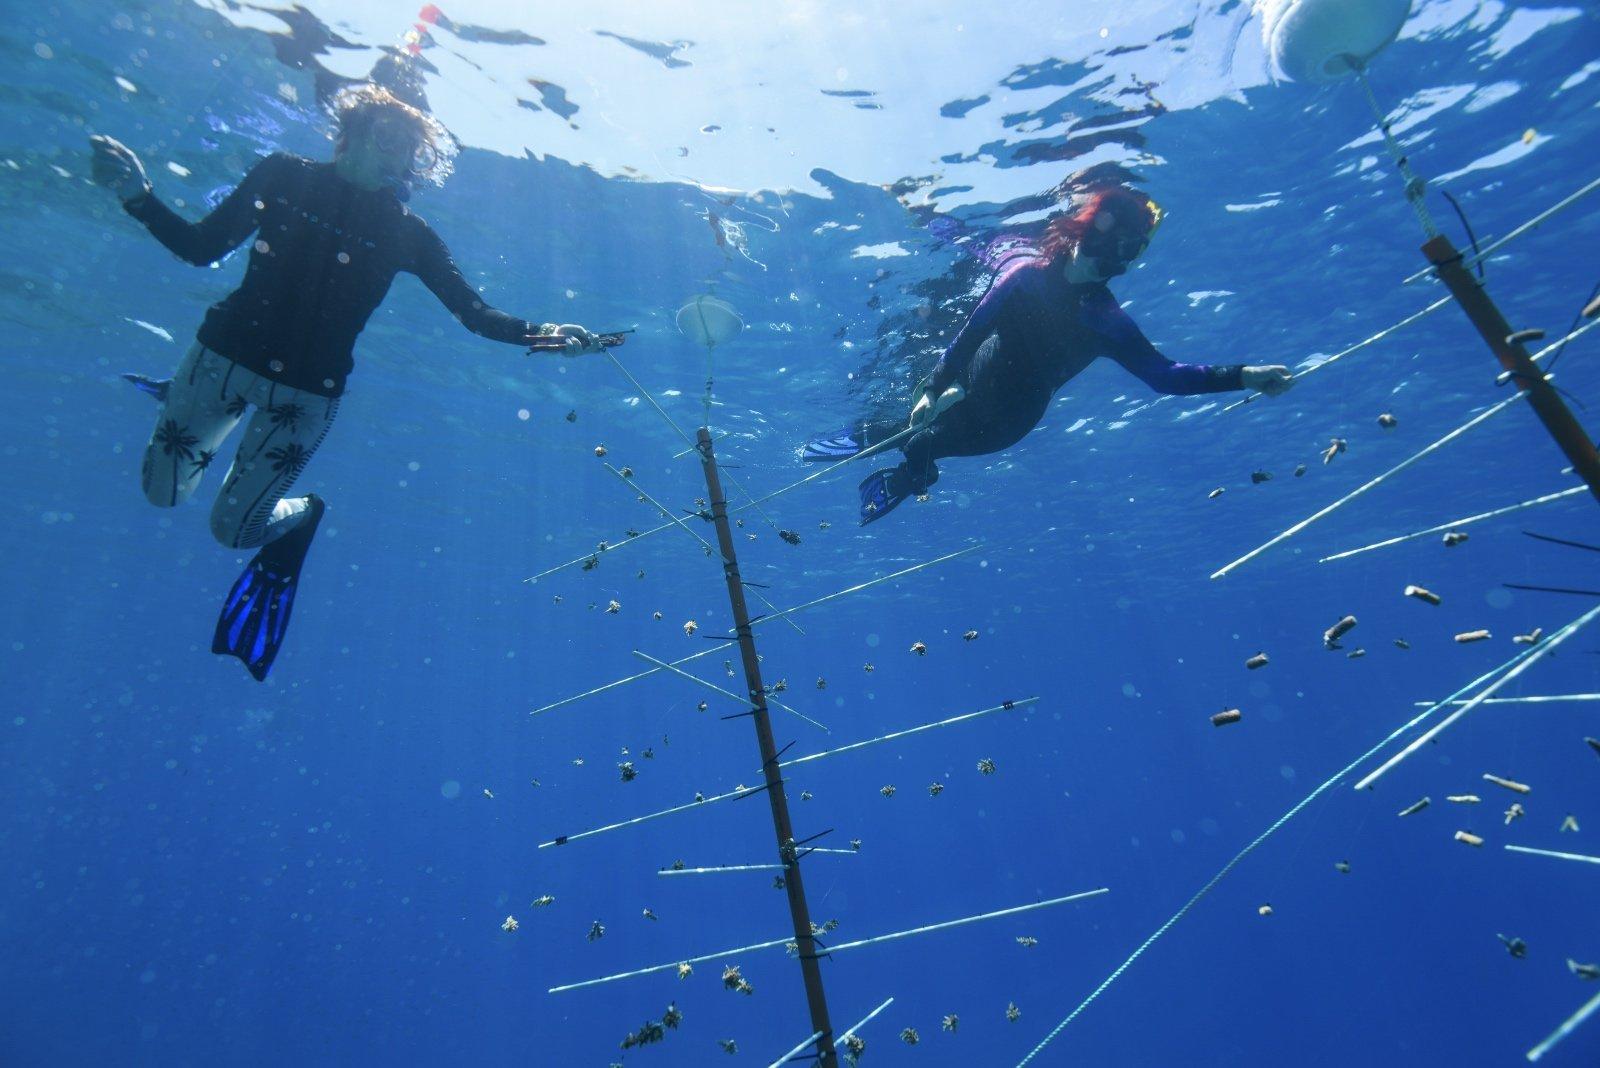 Les plongeurs au travail sur la pépinière de corail de la Grande Barrière de Corail